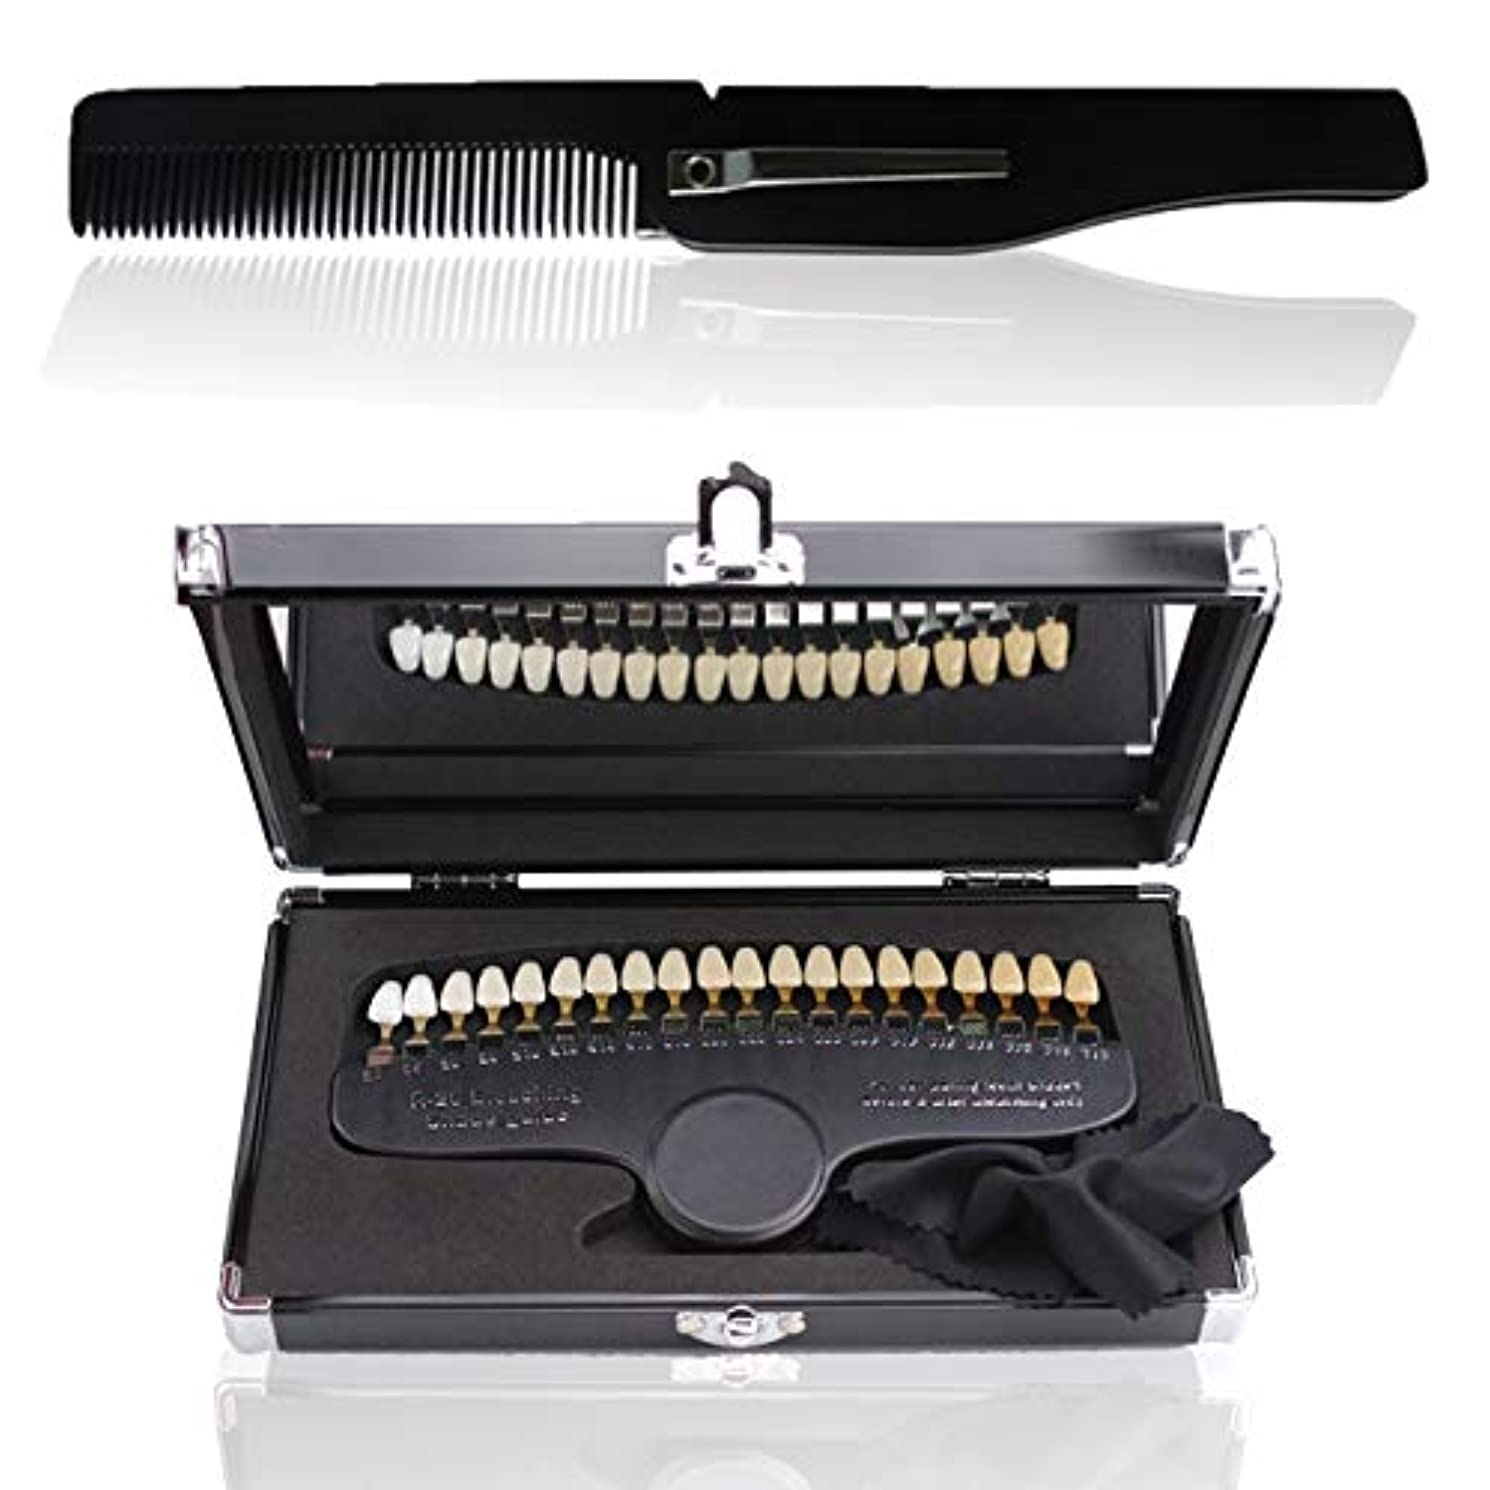 アラブ人挑発する不完全なフェリモア 歯 シェードガイド 色見本 歯列模型 段階的 櫛付き 鏡付き 収納ケース付き 20段階 (20段階)